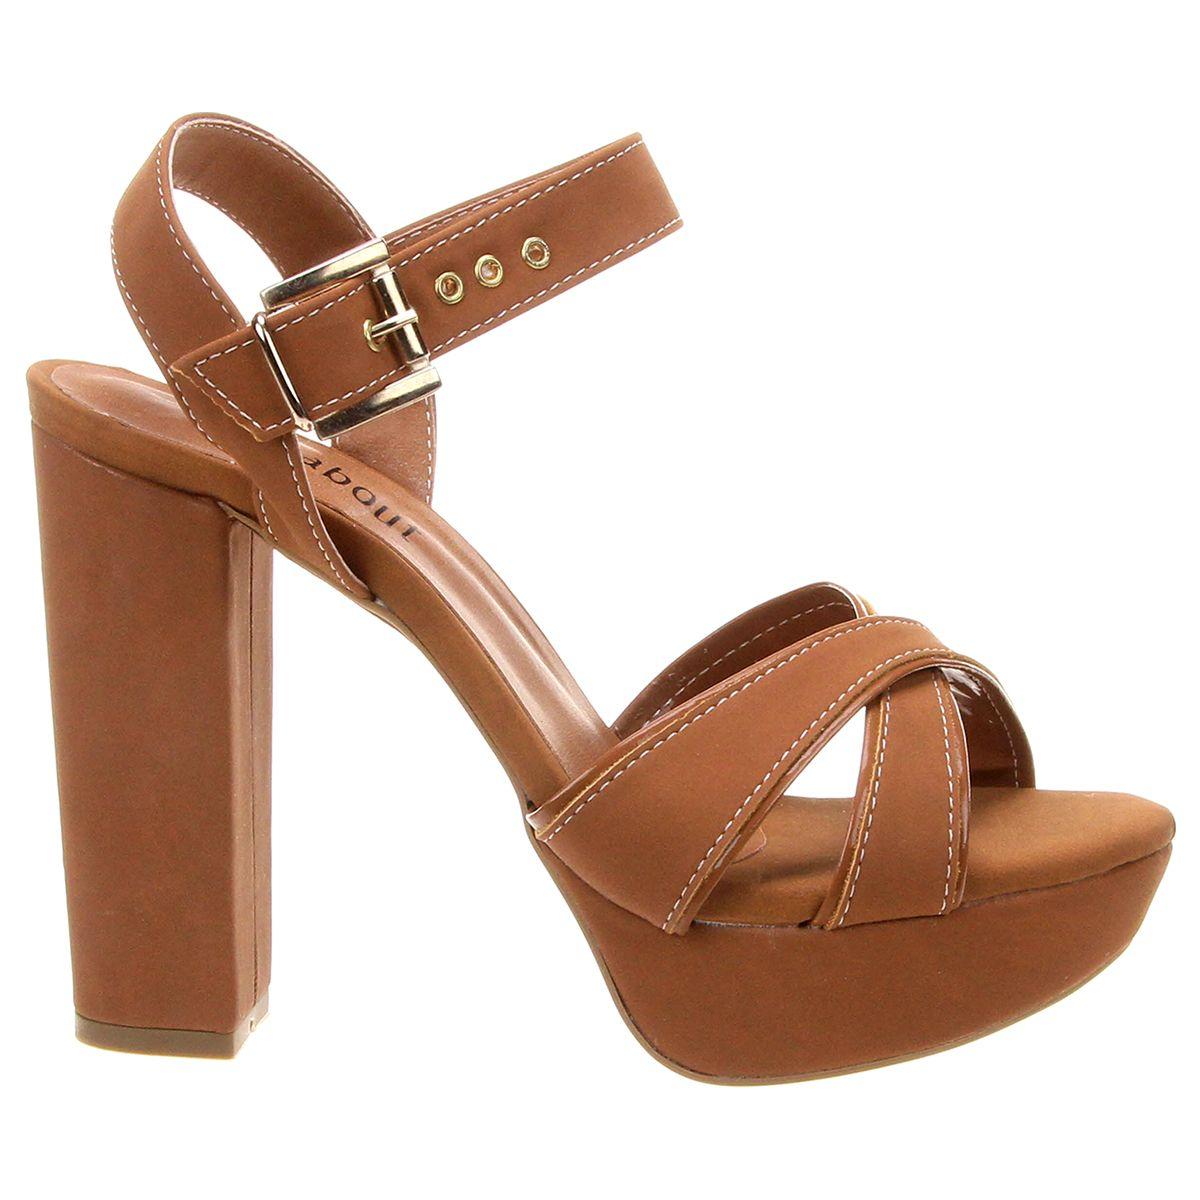 e0407c71408 Compre Sandália Walkabout Meia Pata Caramelo na Zattini a nova loja de moda  online da Netshoes. Encontre Sapatos